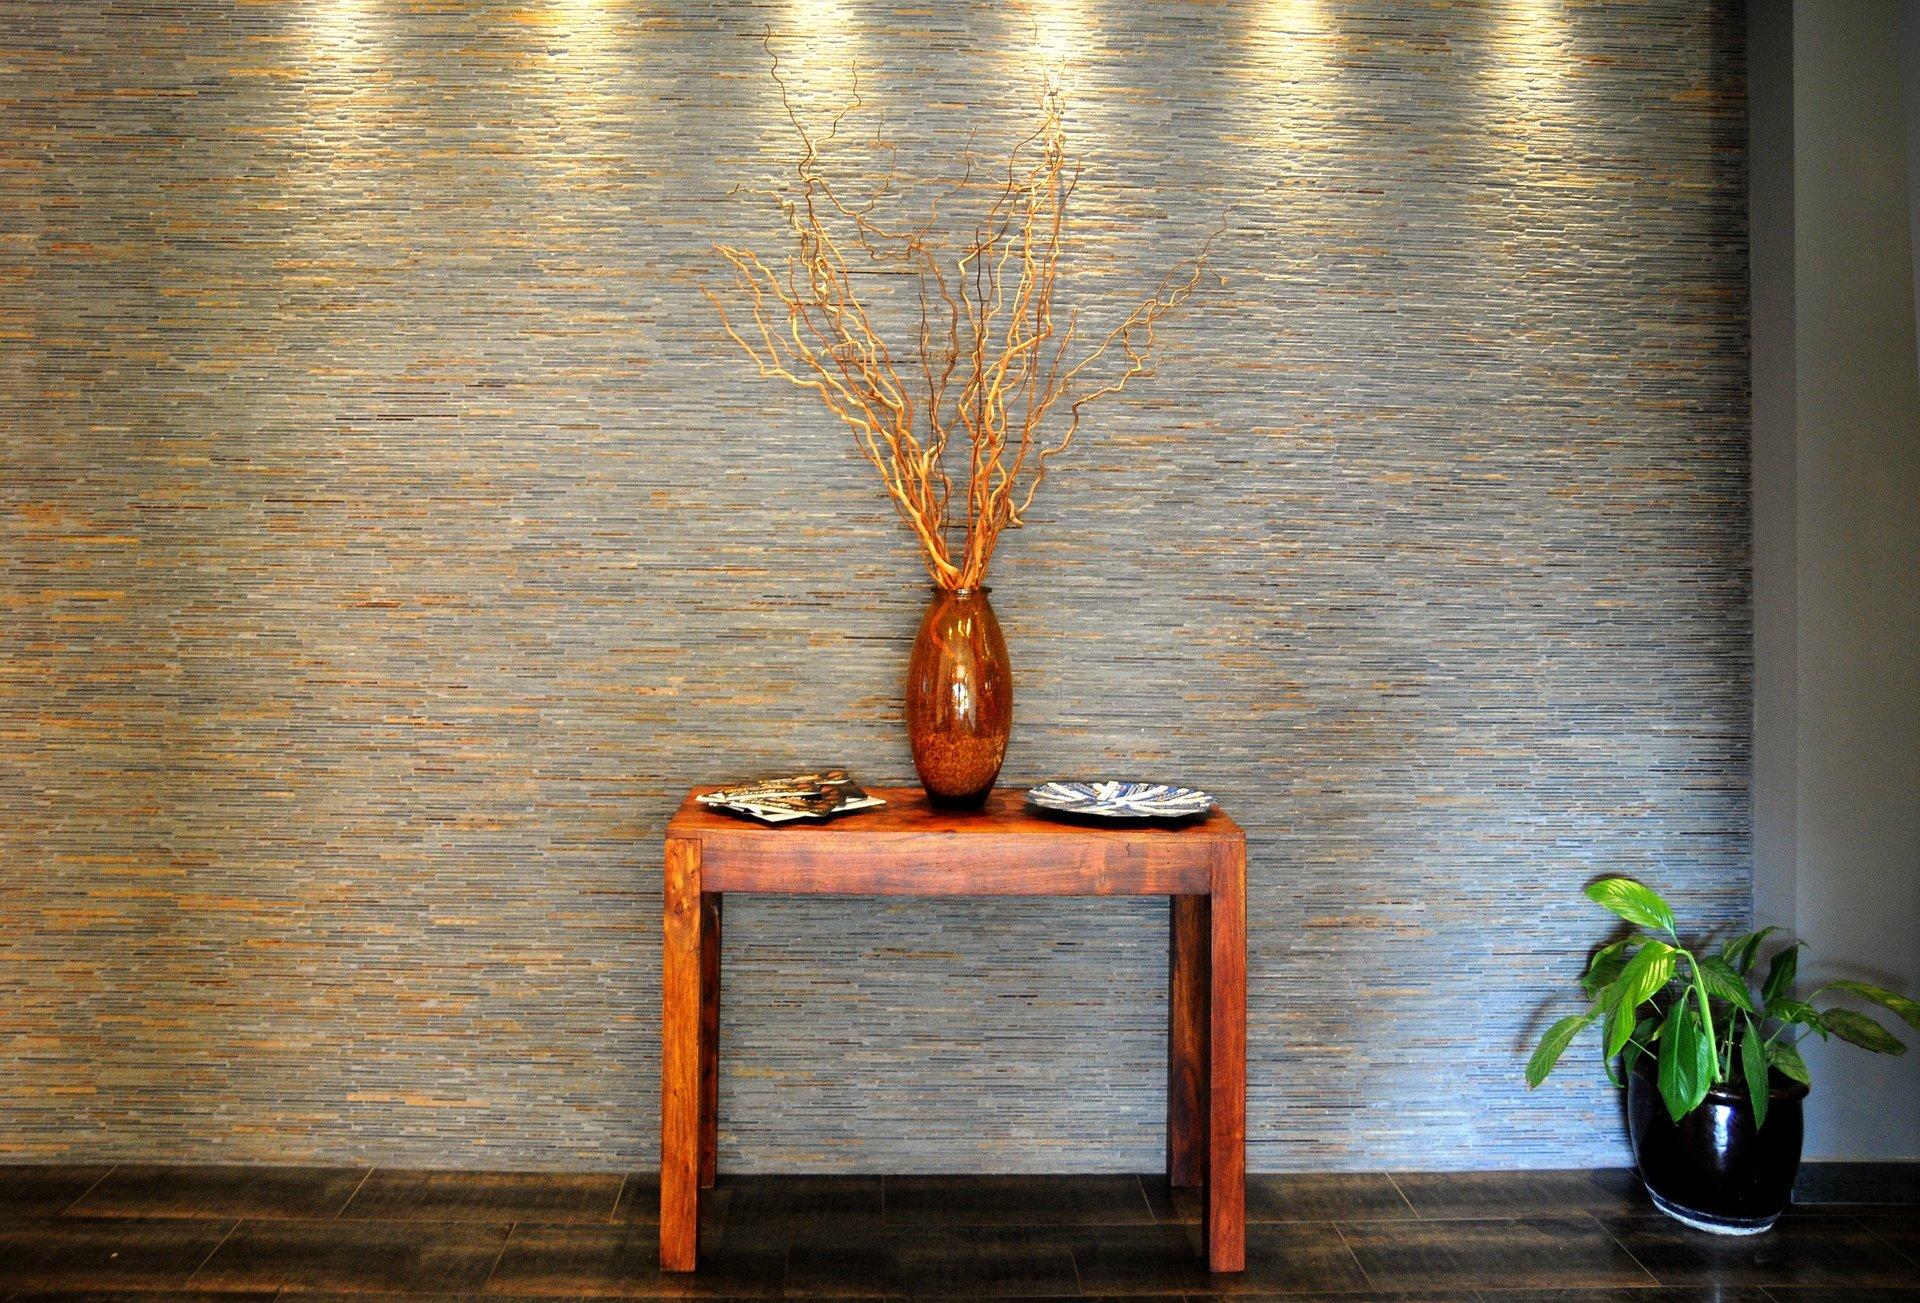 un tavolino di legno e un vaso con dei rami spogli